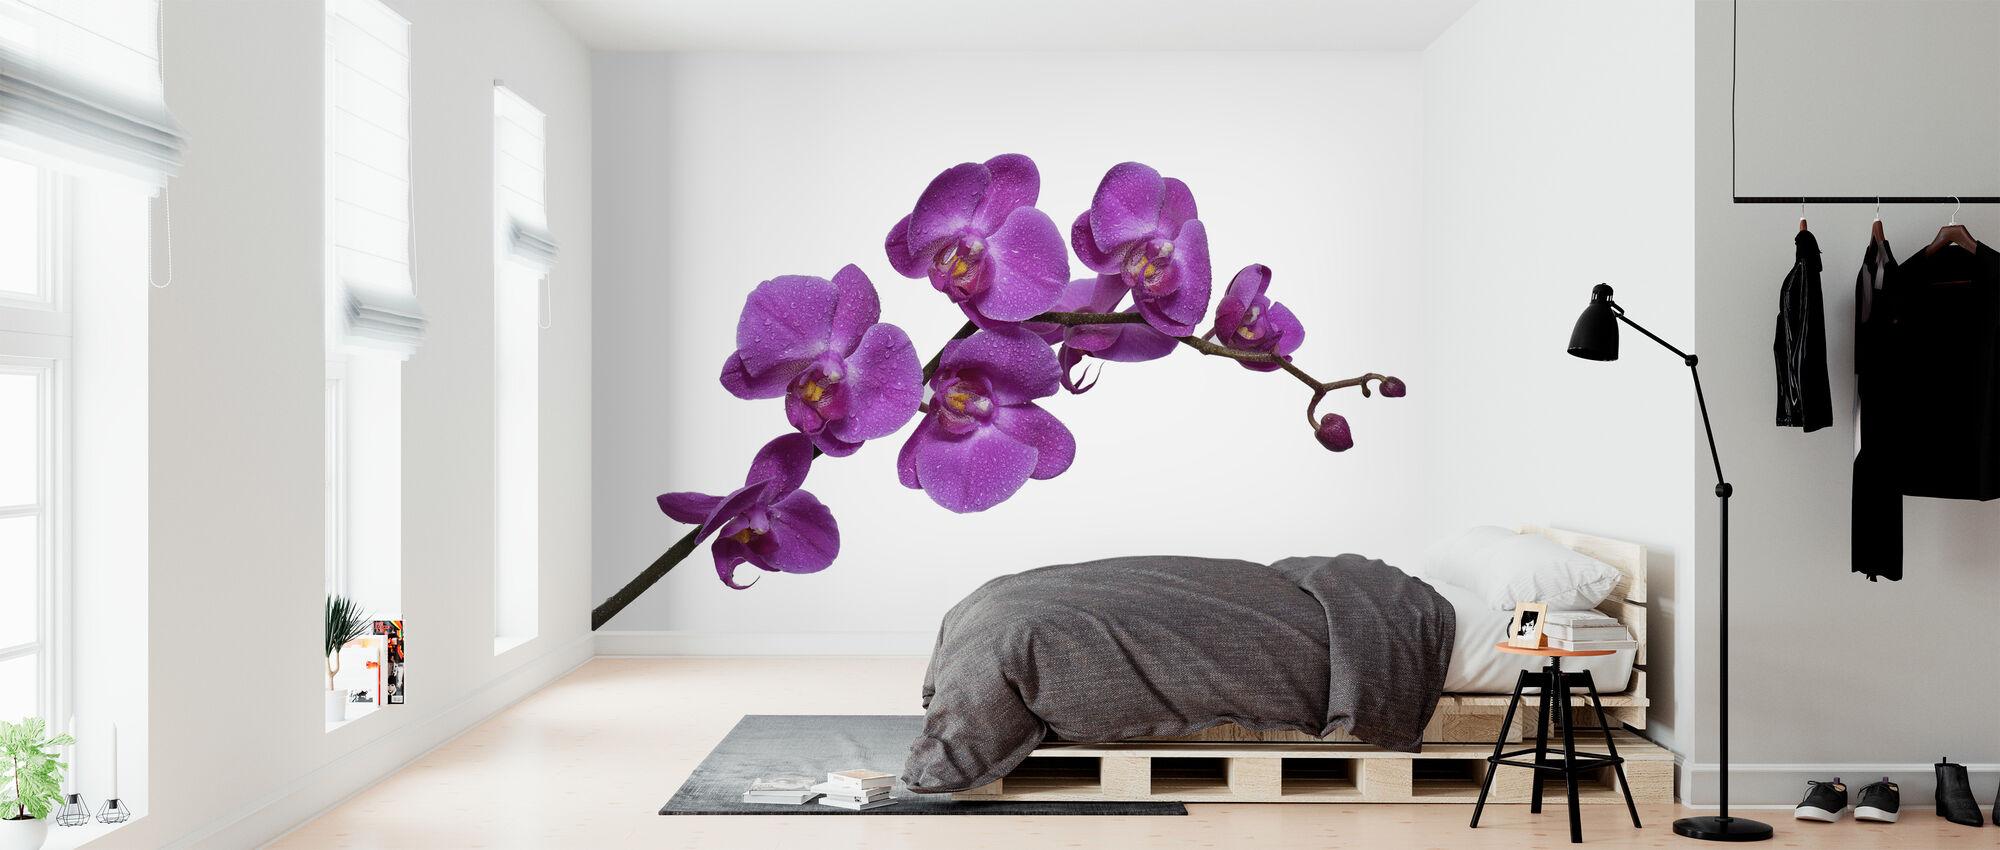 Crisp Orchids - Wallpaper - Bedroom